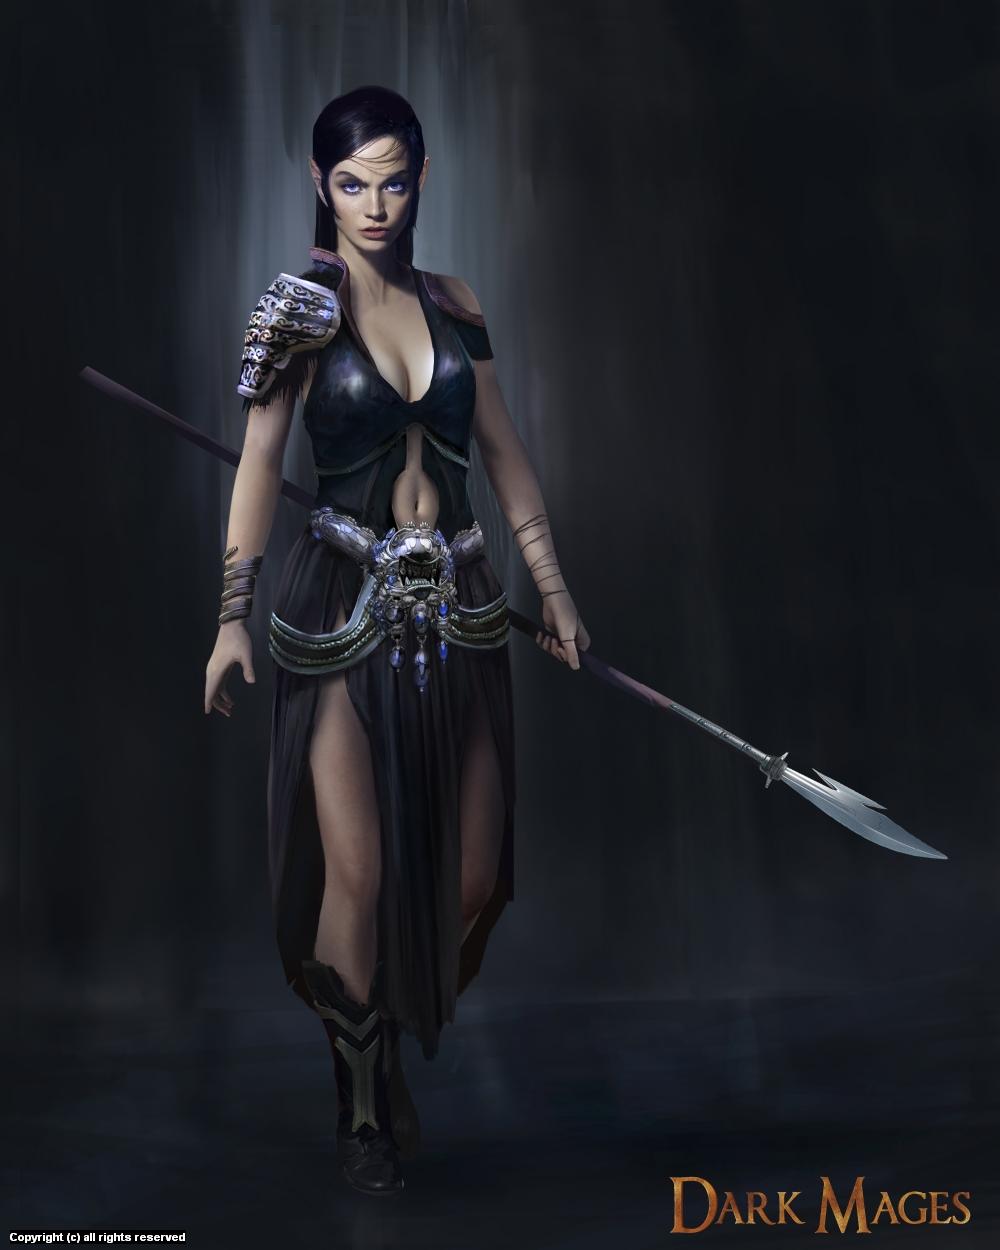 Dark elf Artwork by Max Duran